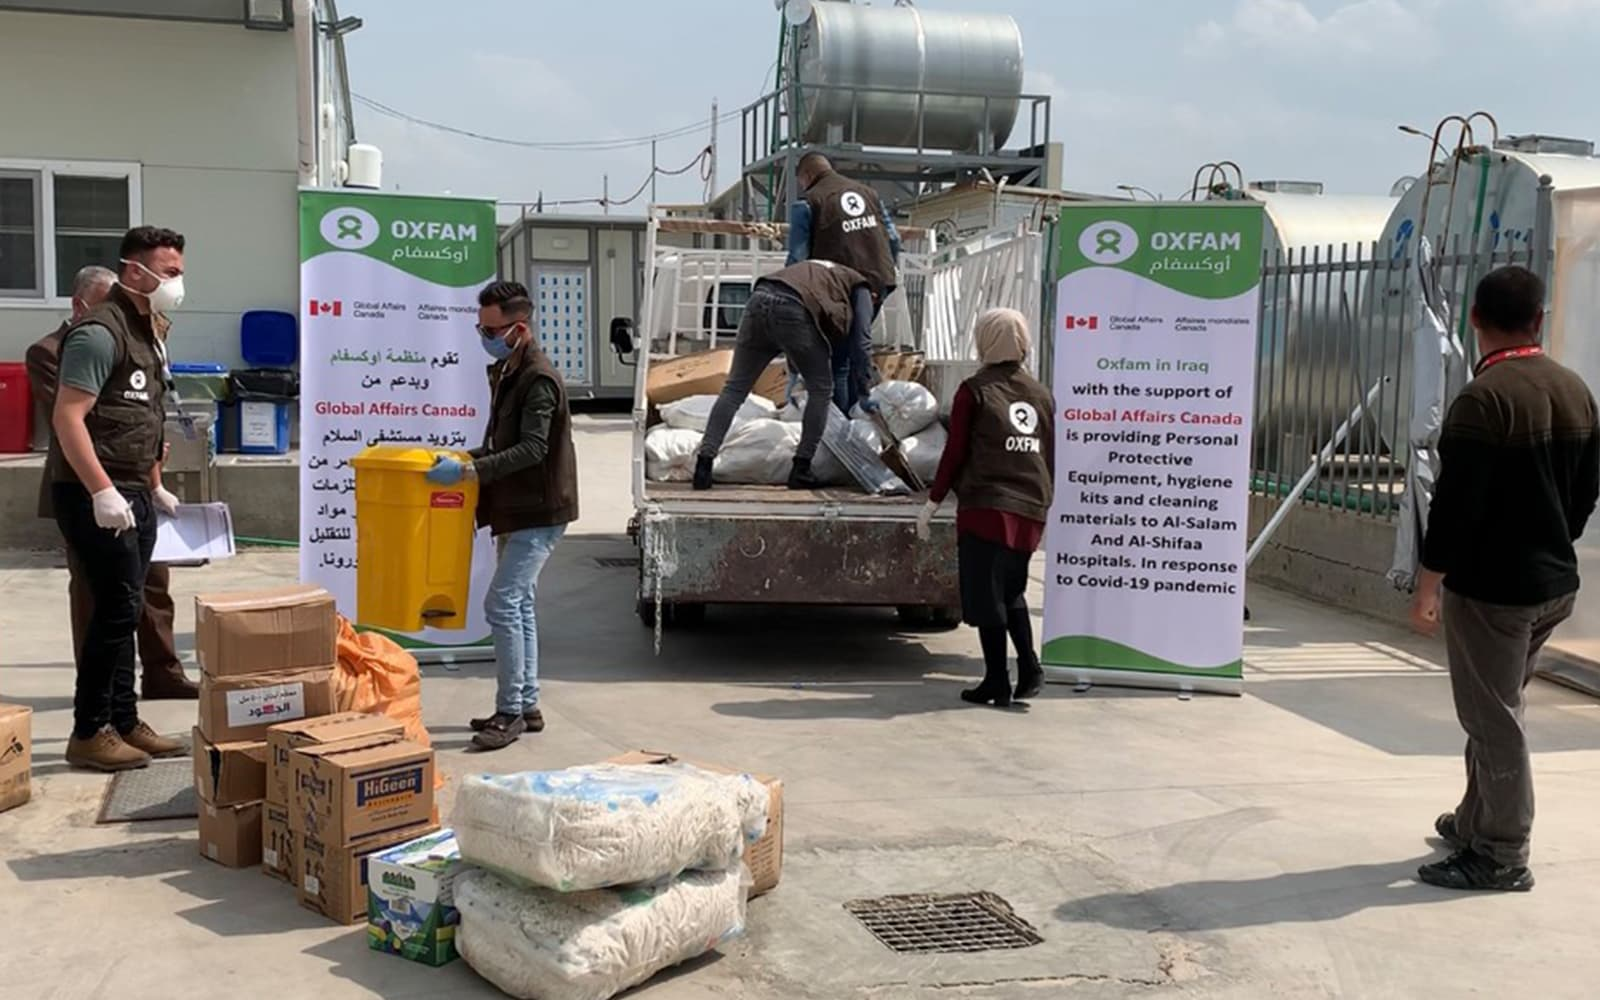 Une distribution de matériel sanitaire auprès des hôpitaux en Irak par Oxfam